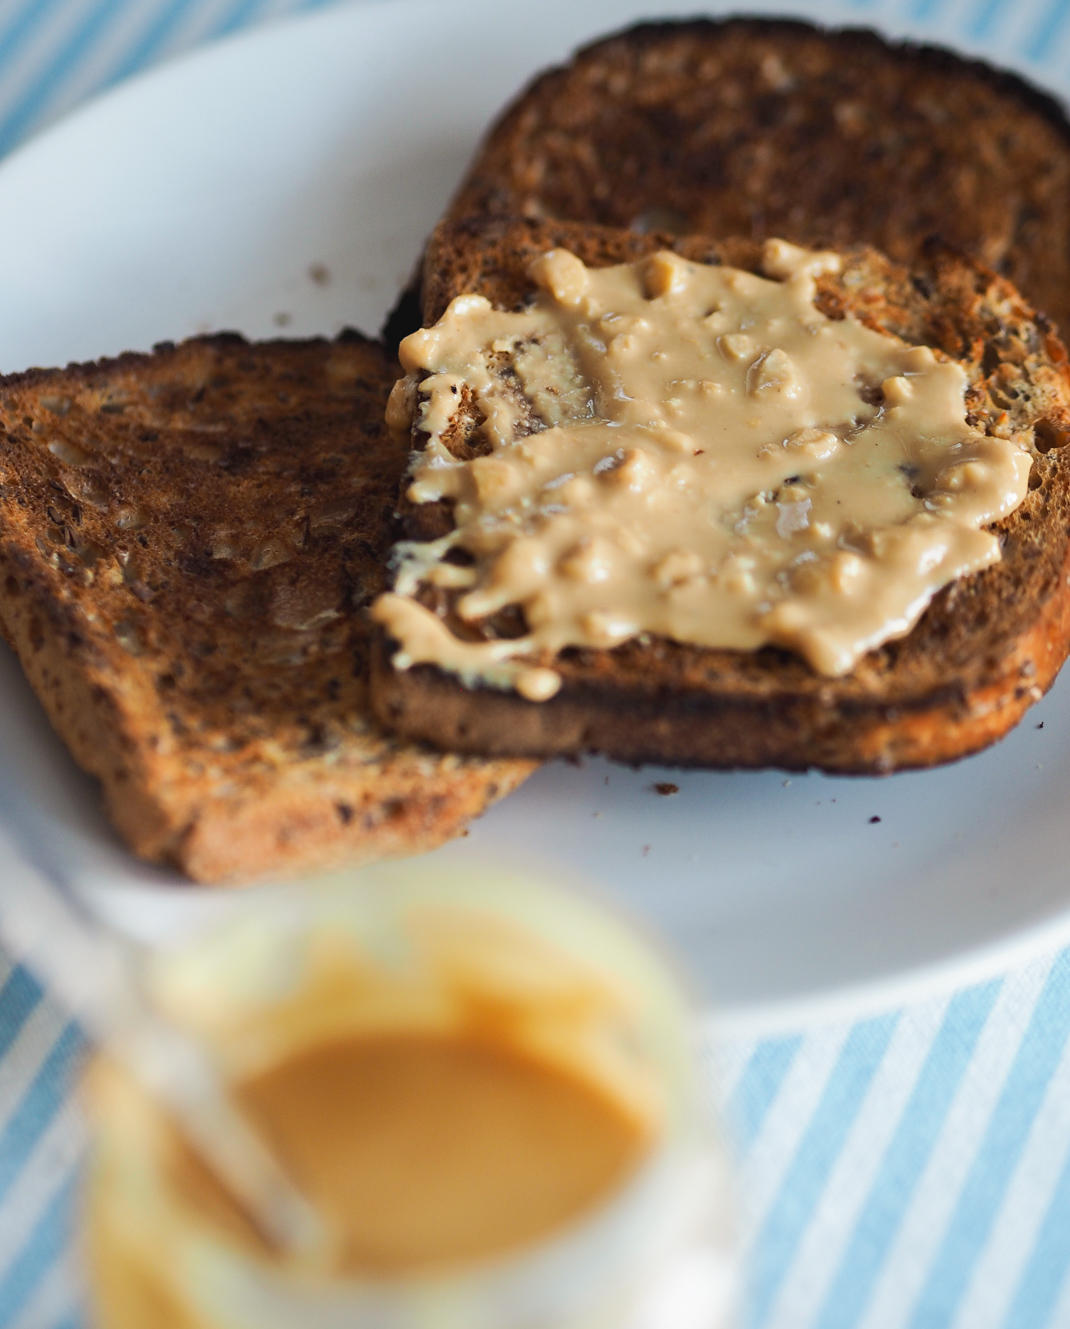 peanut butter on toasy